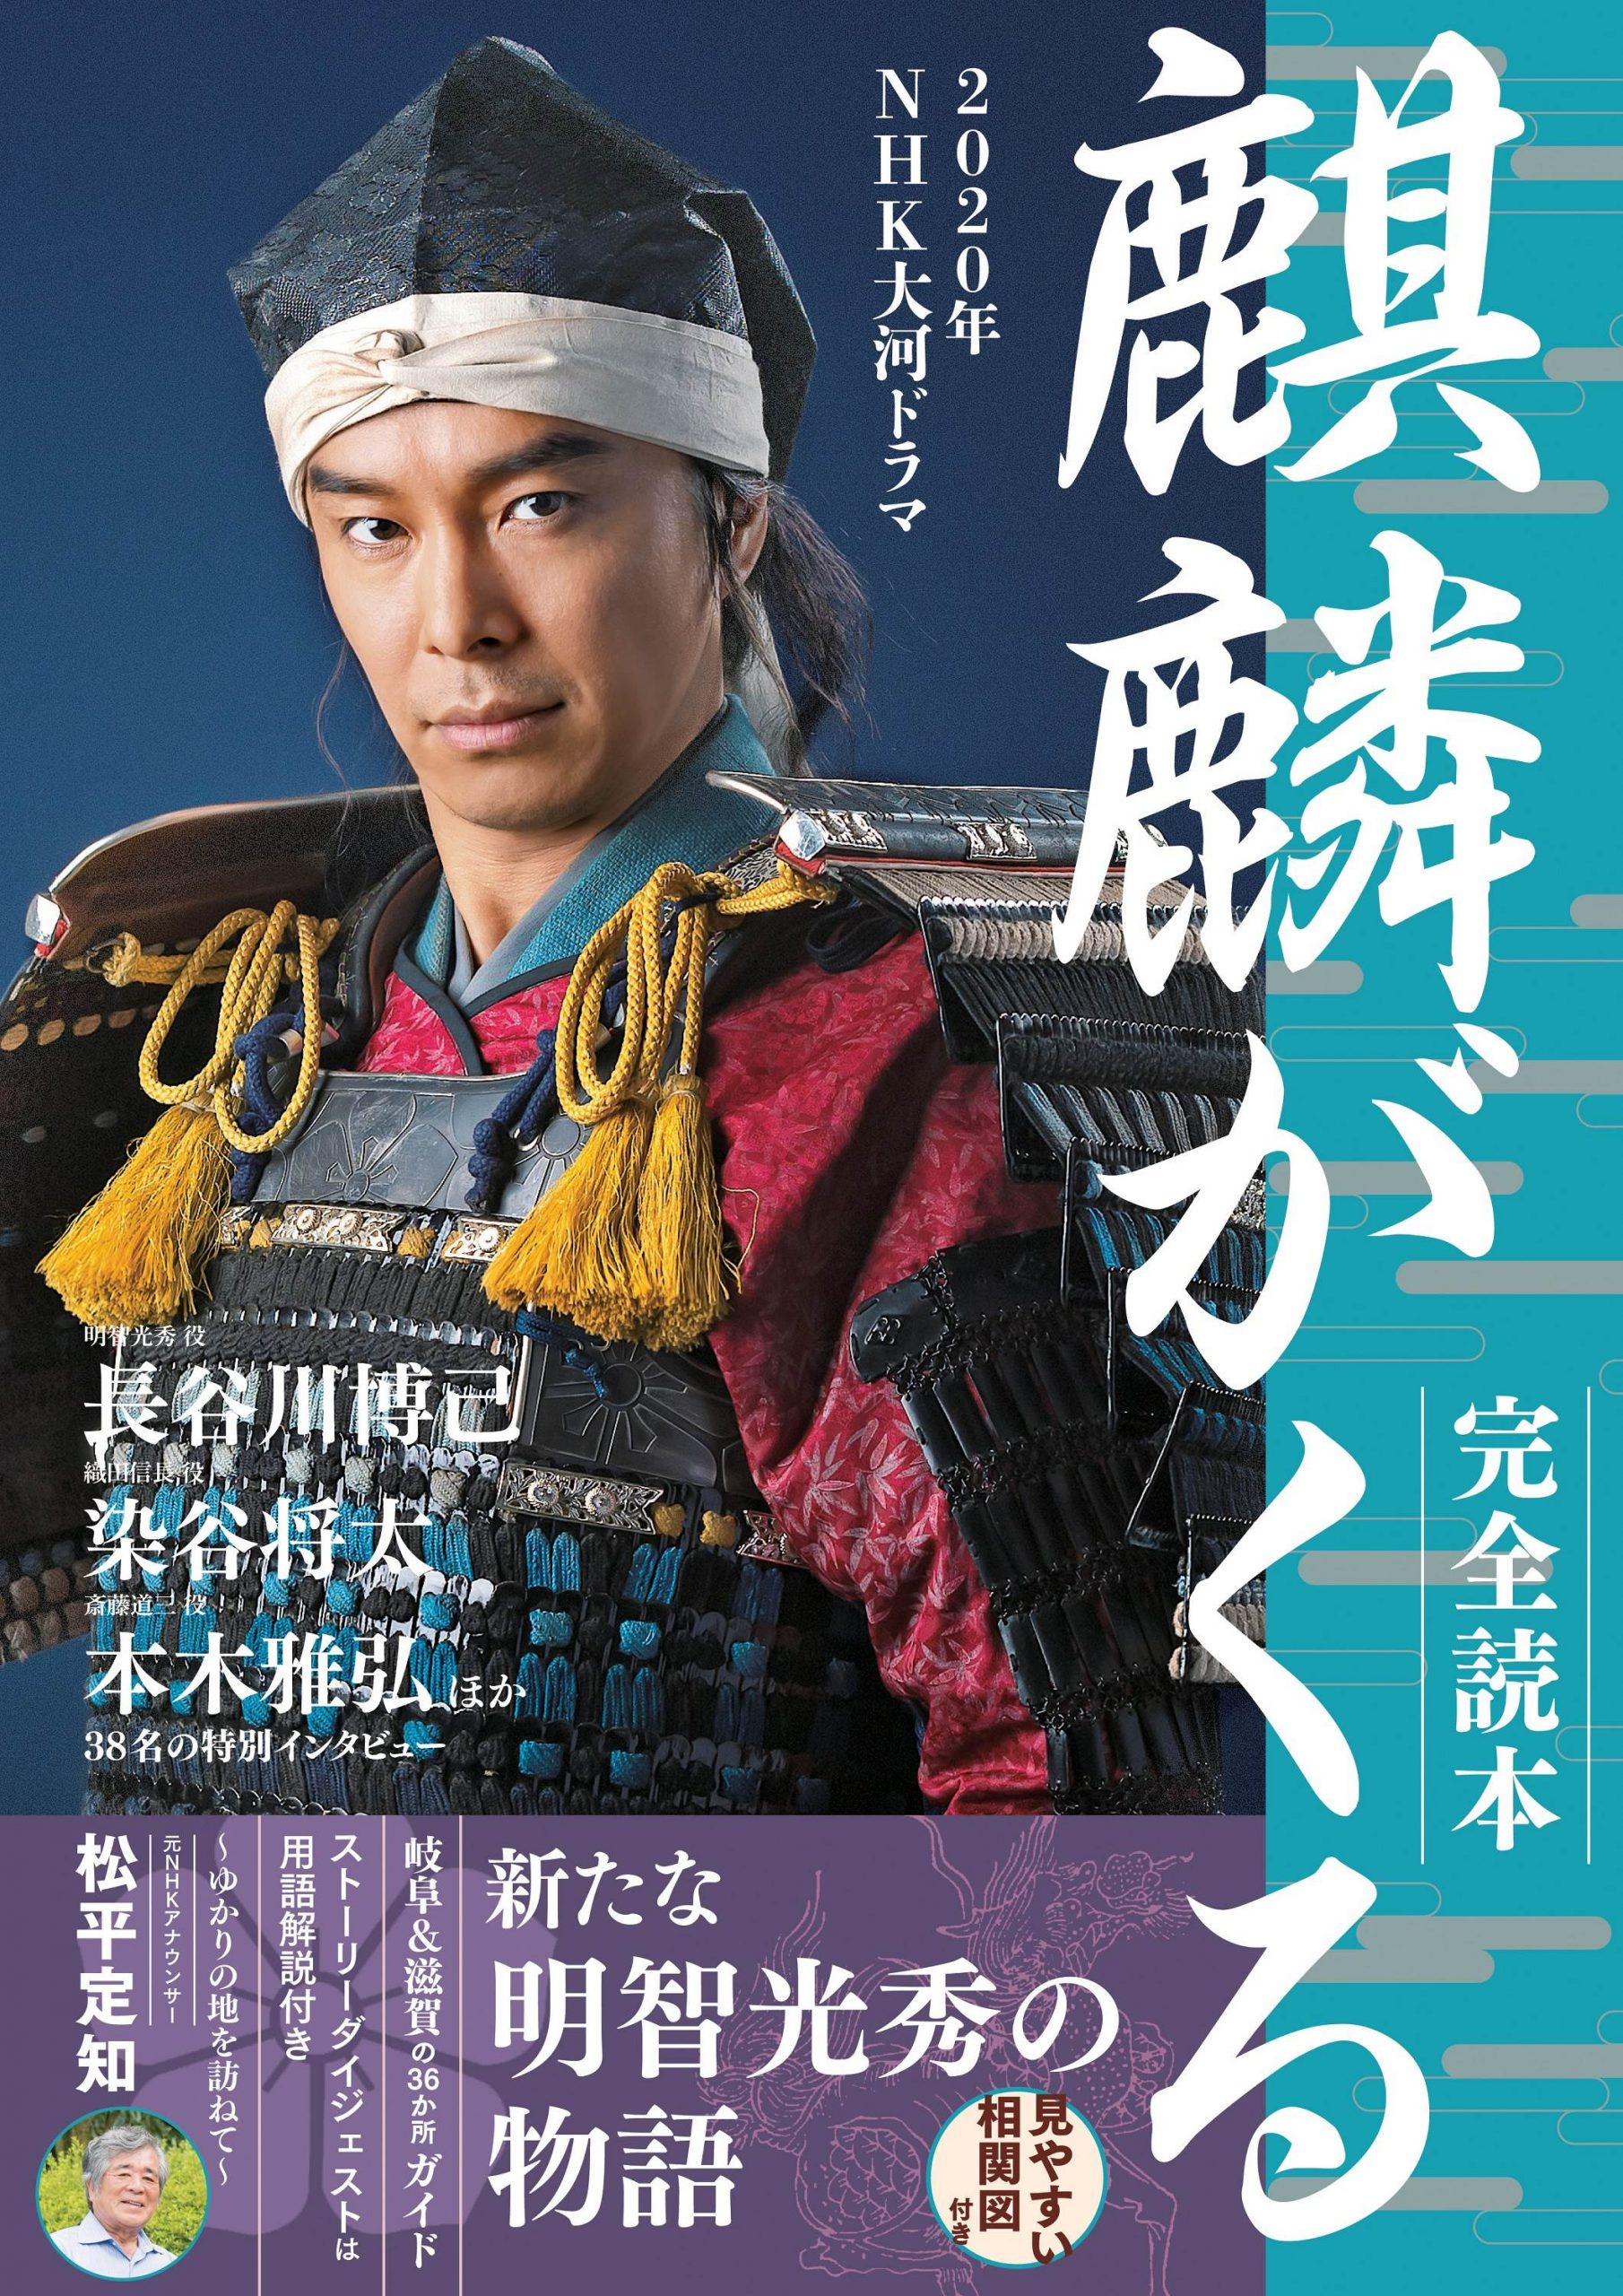 2020年NHK大河ドラマ「麒麟がくる」完全読本